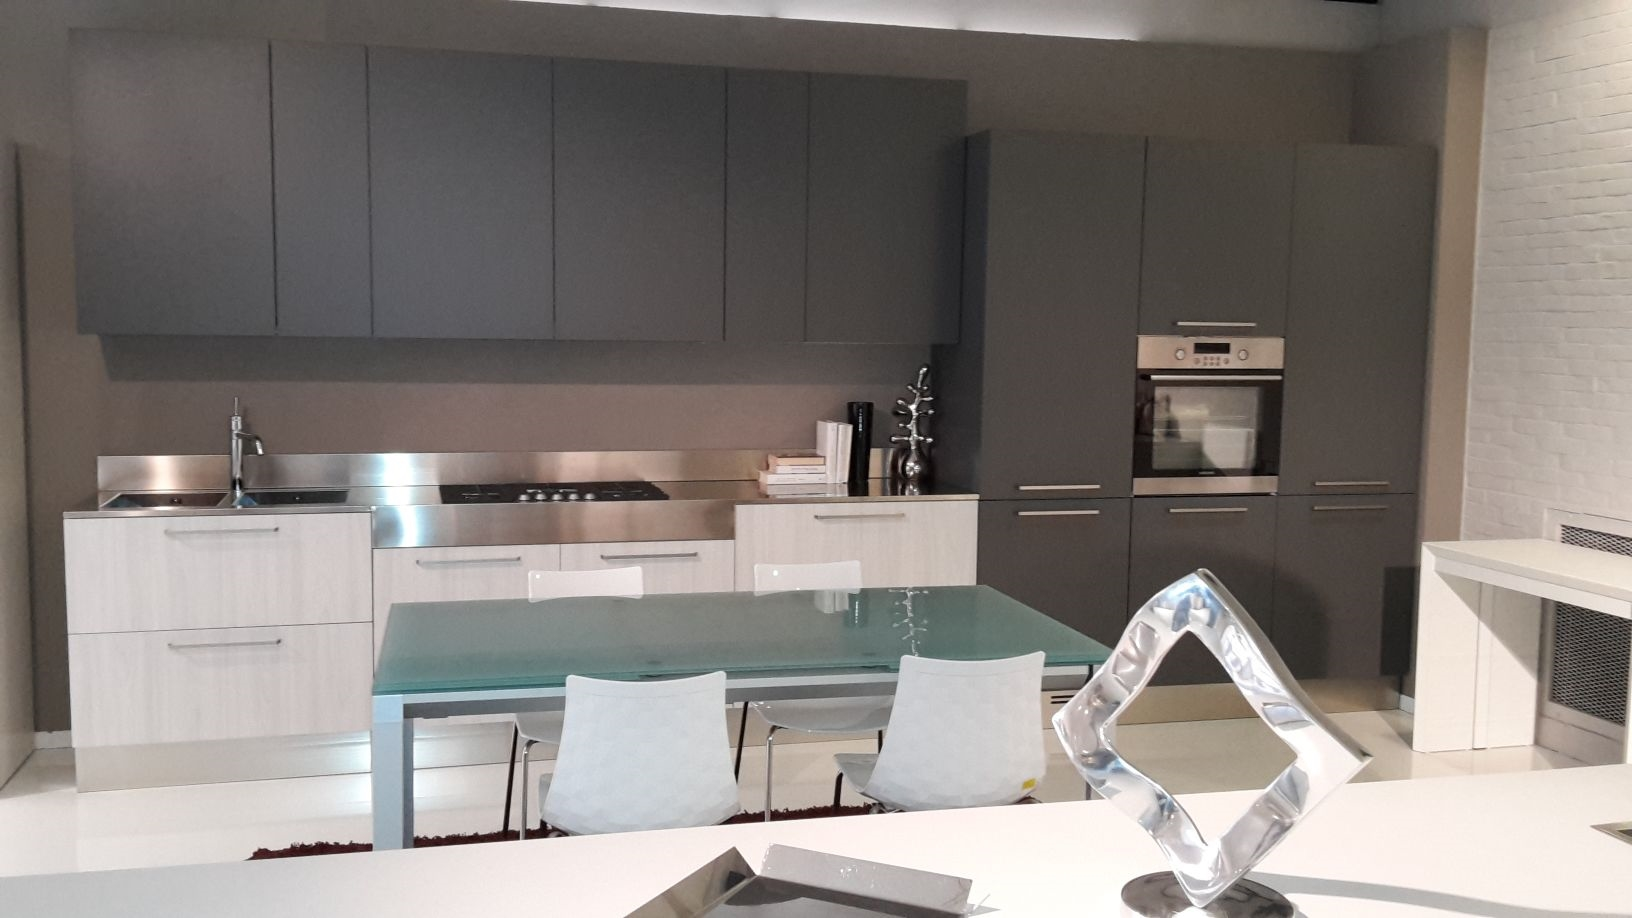 cucina luna laminato olmo bianco e grigio grafite cucine